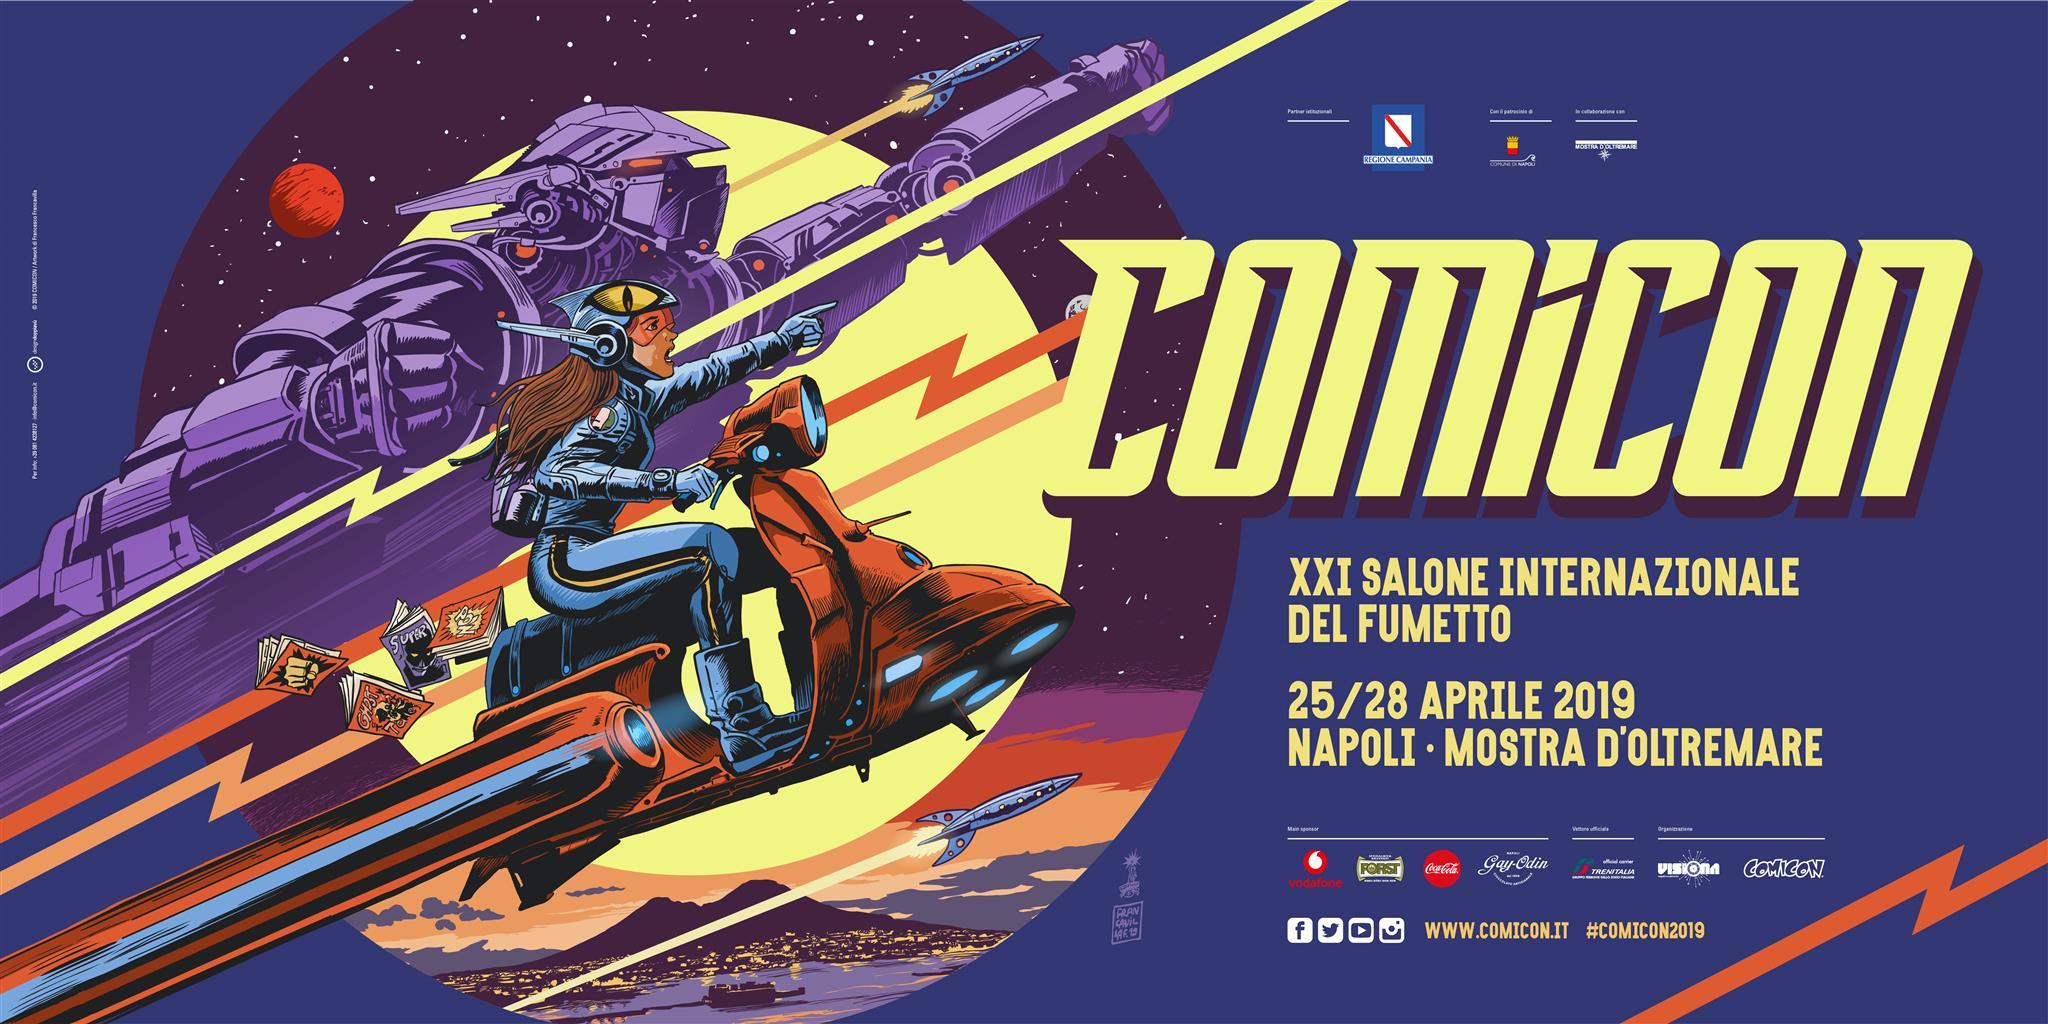 Manifesto Napoli Comicon 2019